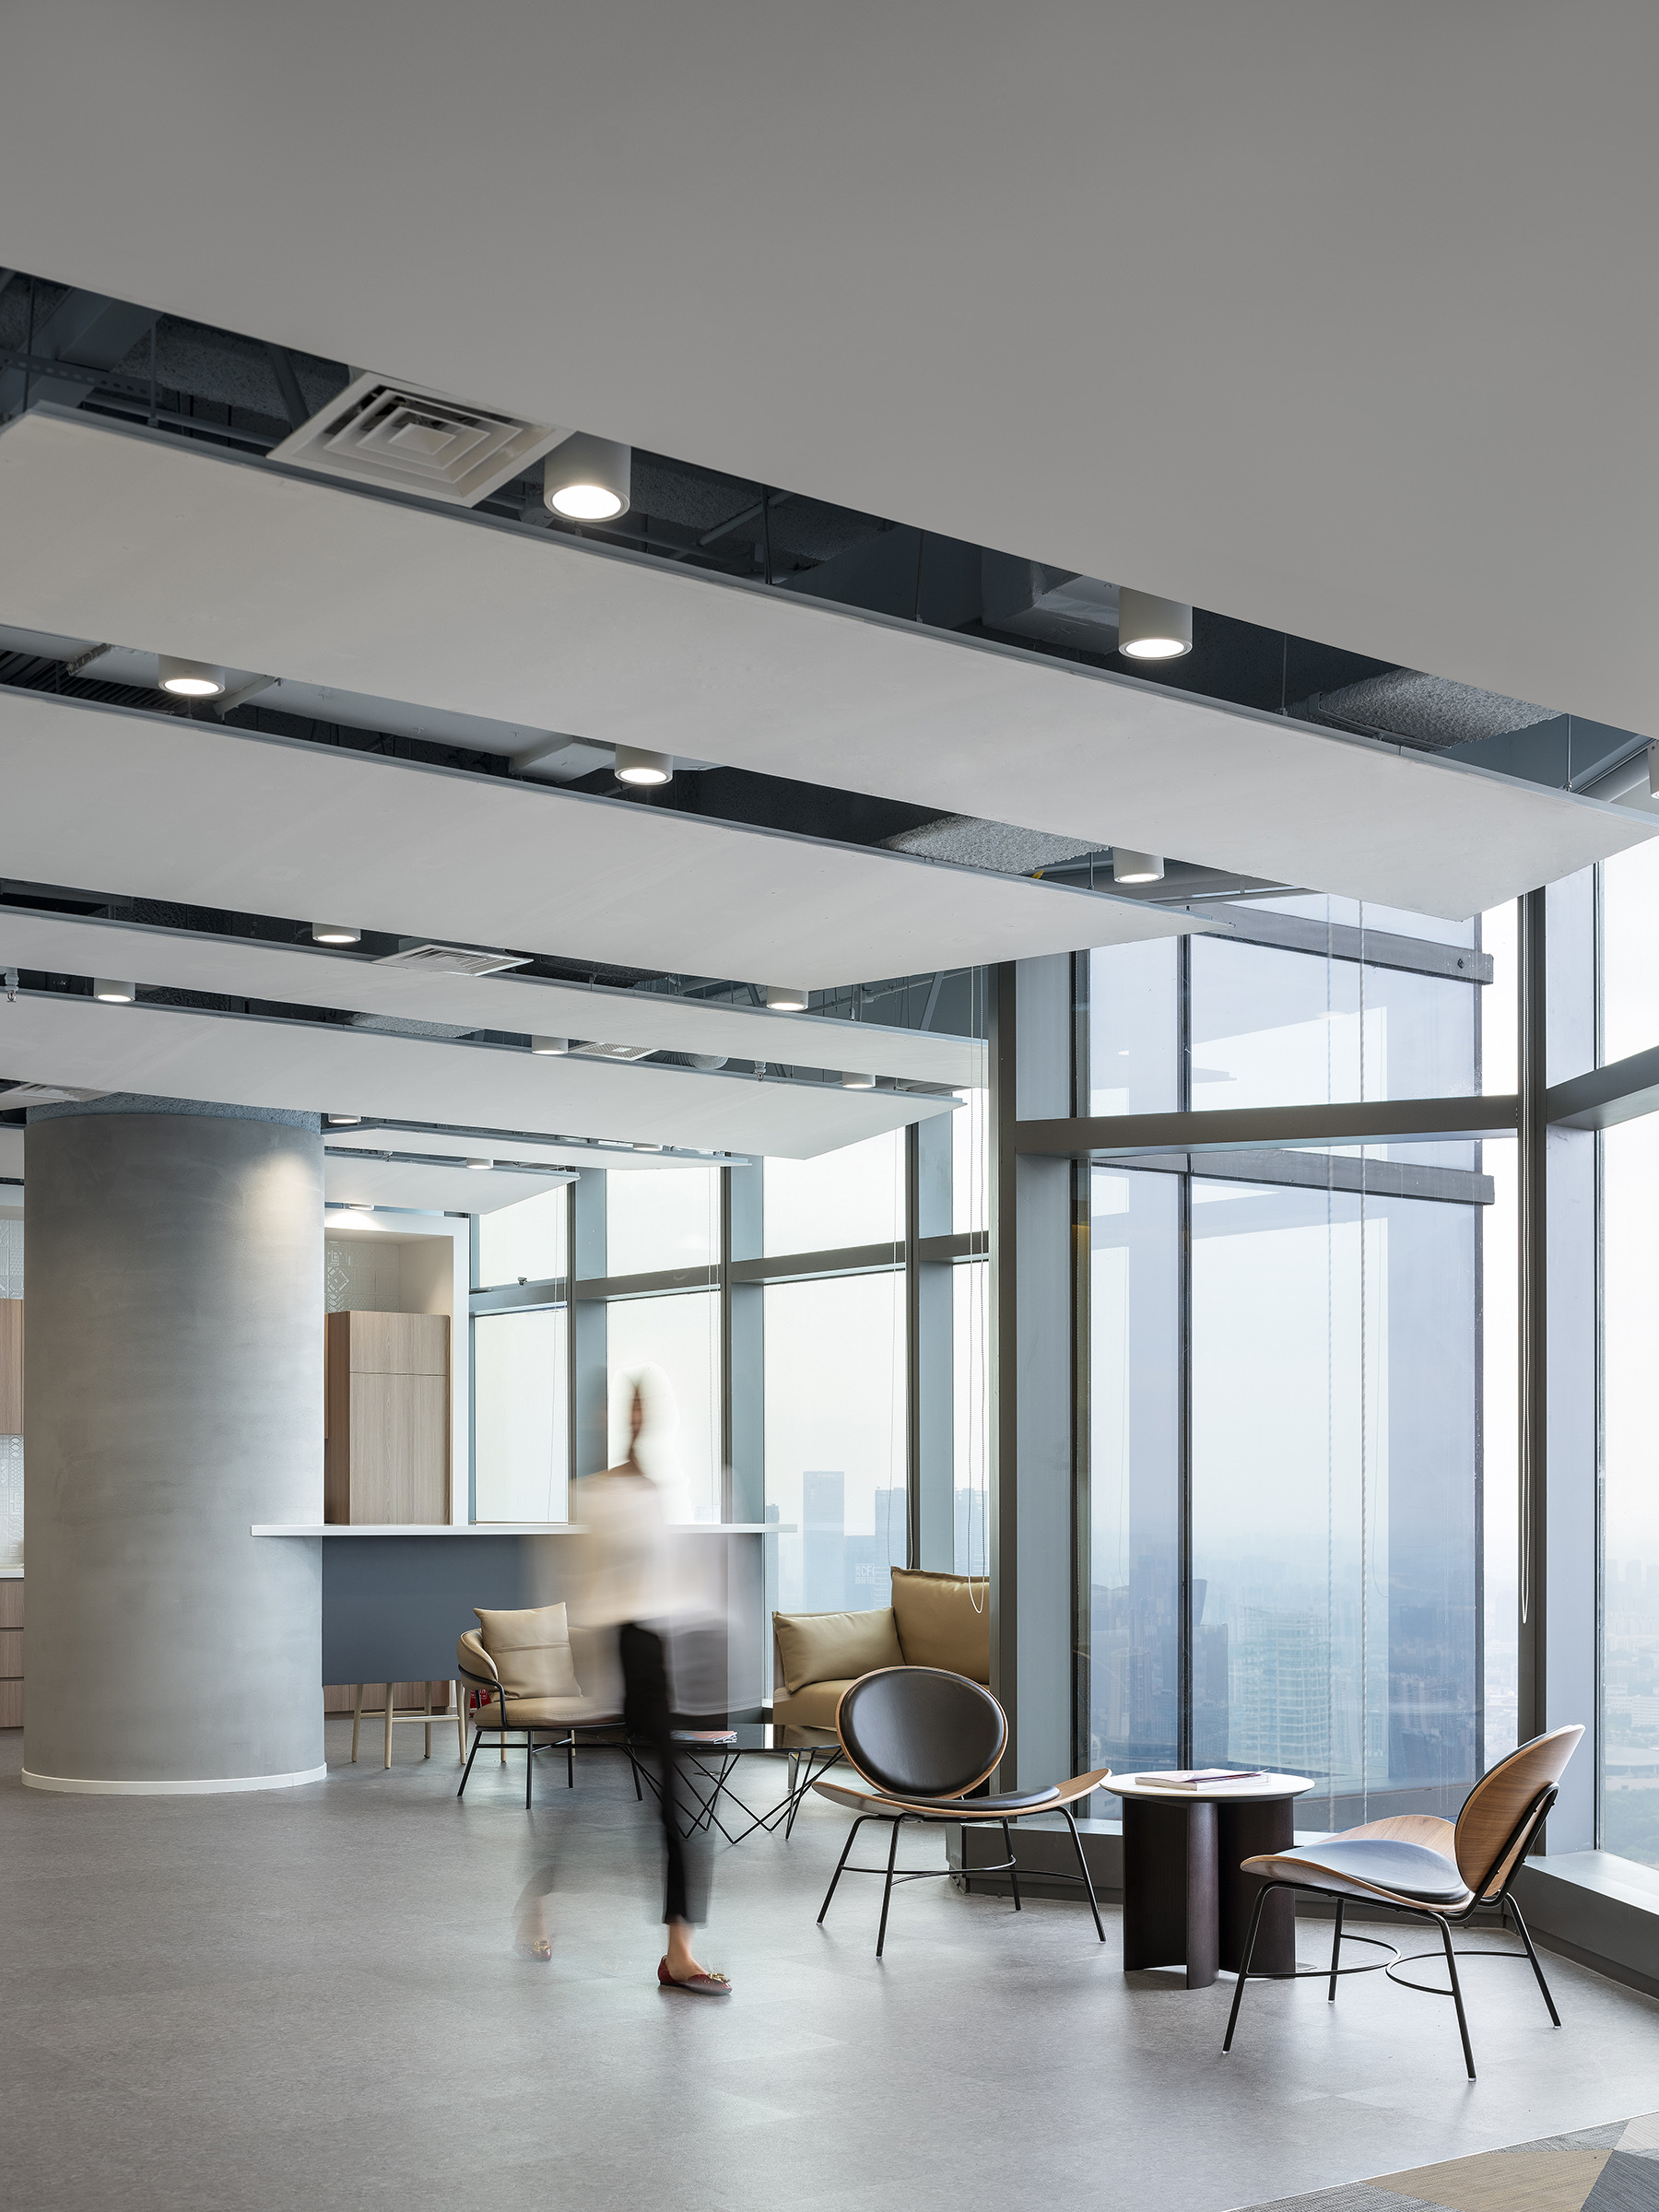 dentons-office-china-11